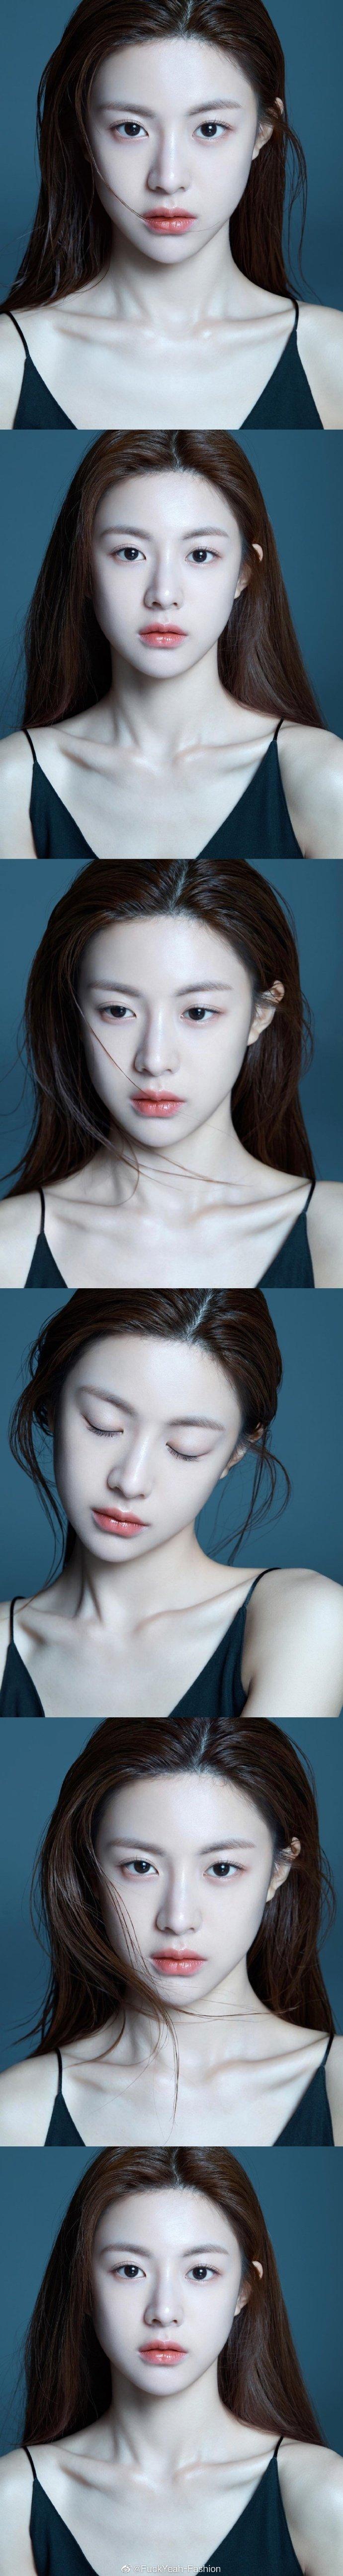 来自韩国摄影师镜头下的少女